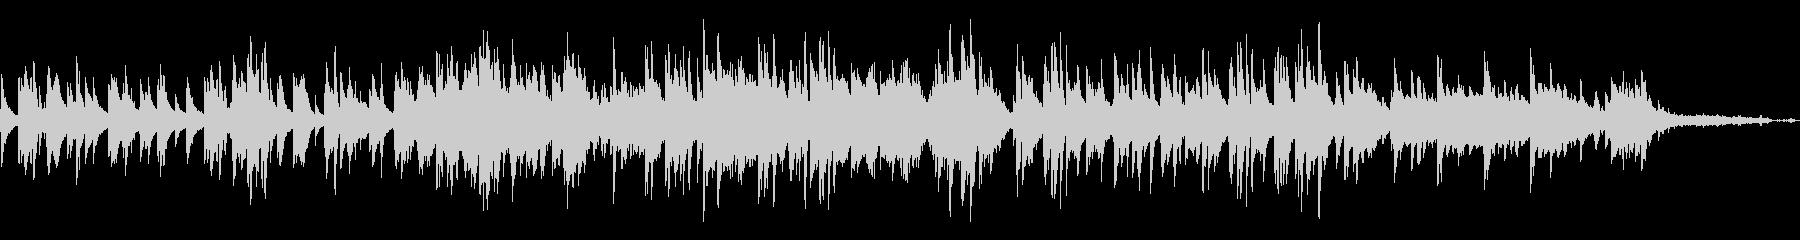 結婚式に切ない雰囲気のピアノソロバラードの未再生の波形